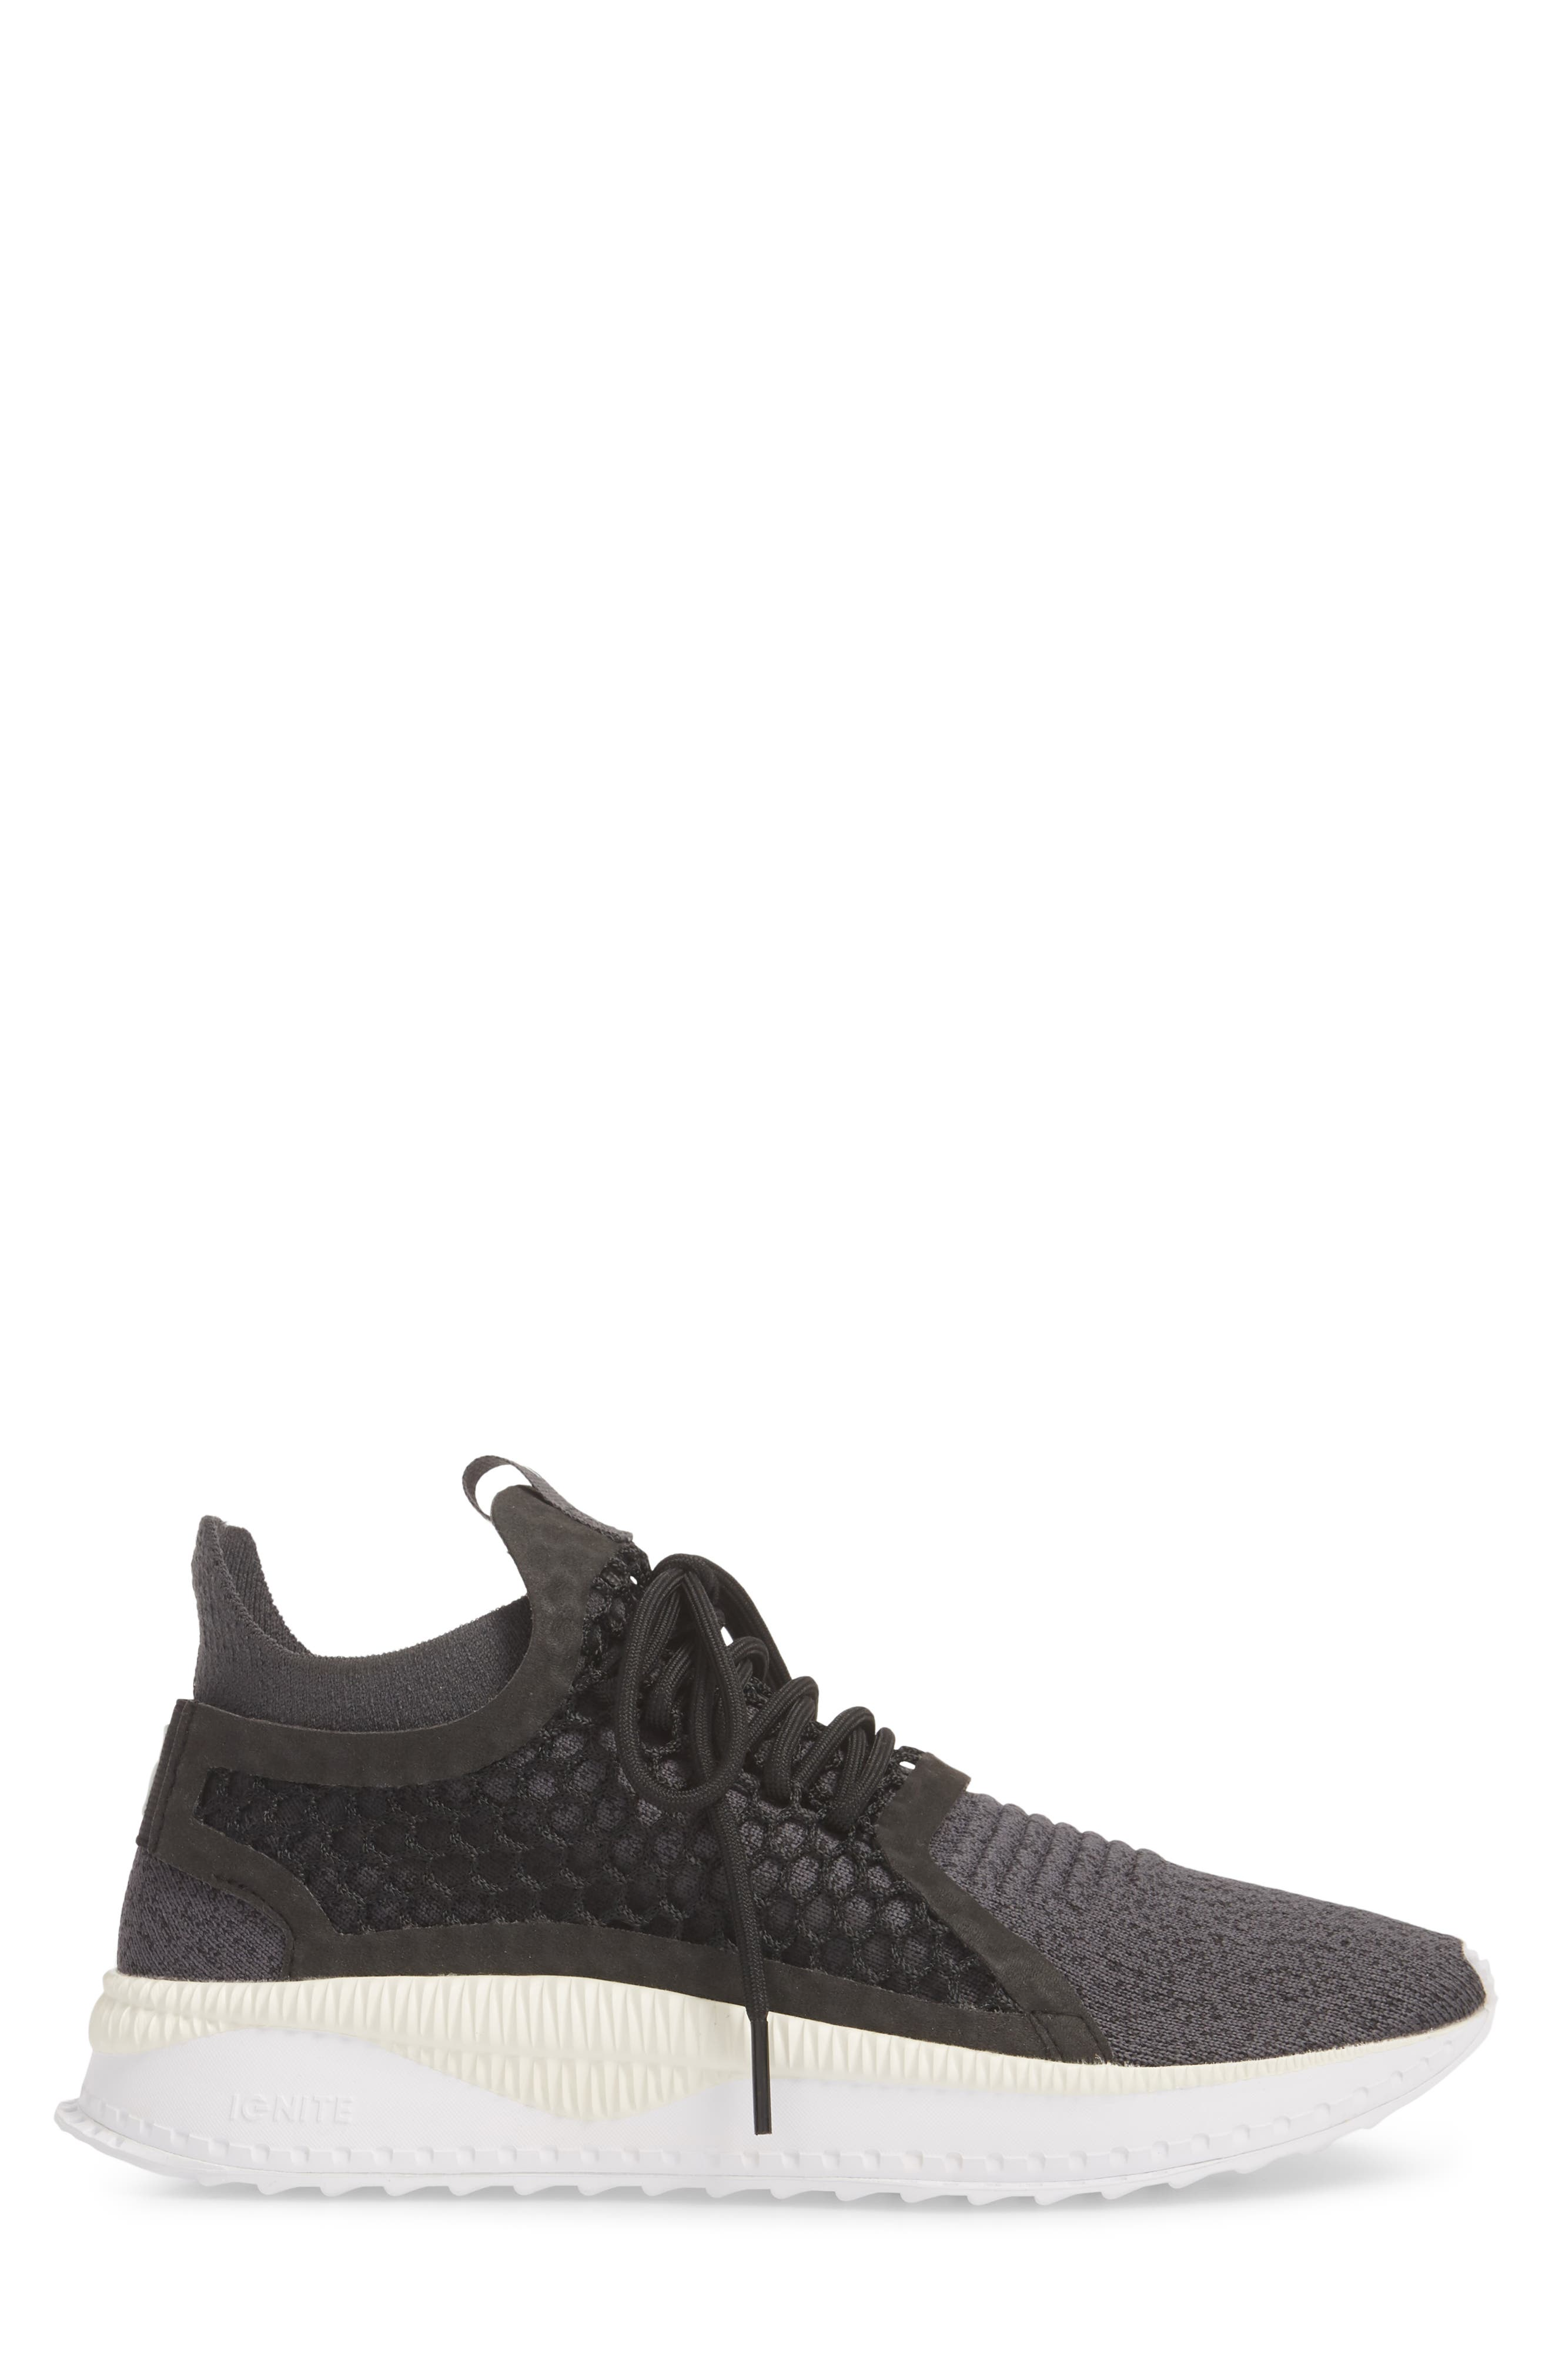 Tsugi Netfit V2 EvoKNIT Sneaker,                             Alternate thumbnail 5, color,                             Black/ Asphalt/ White